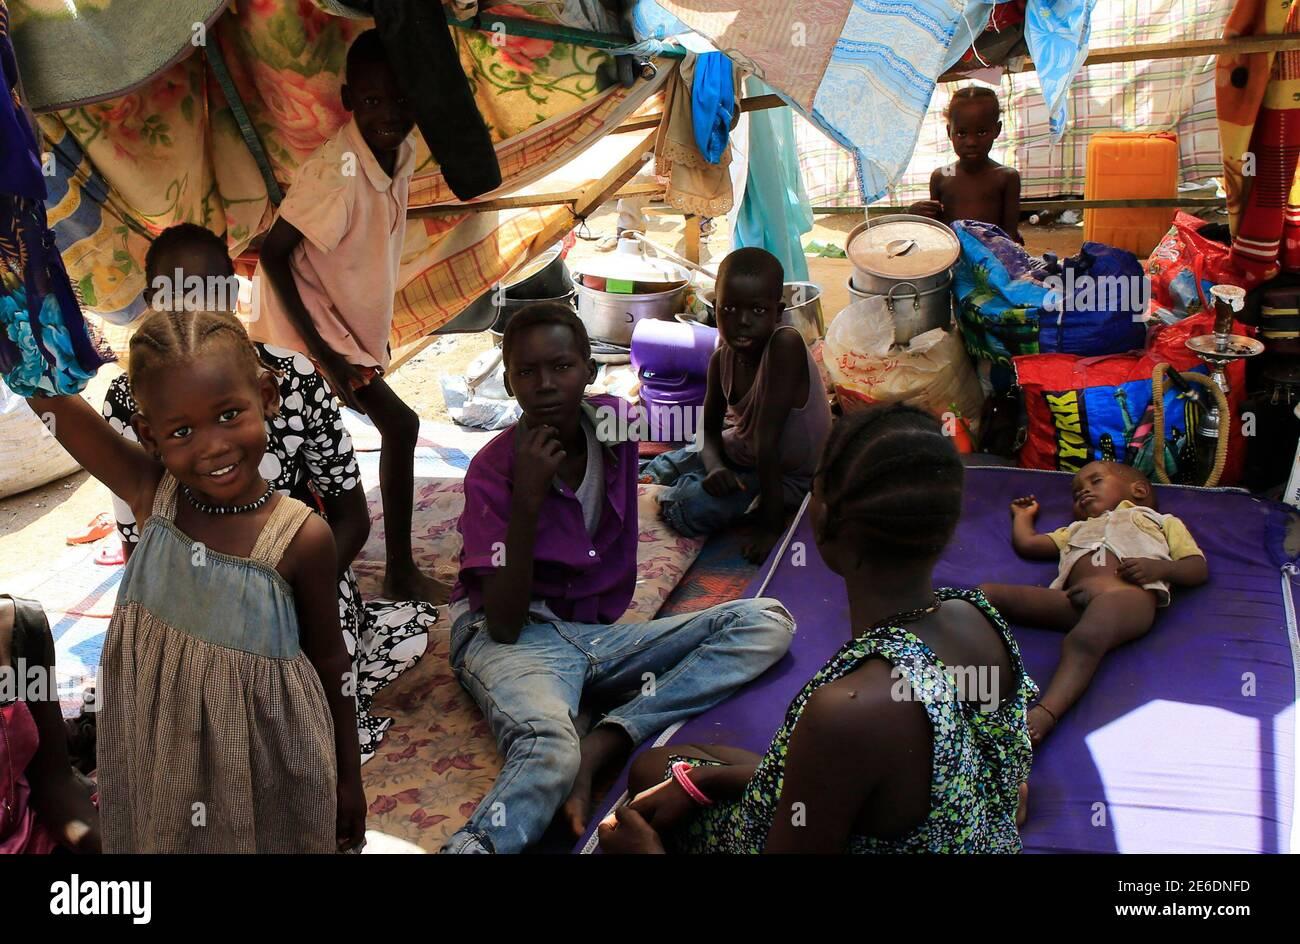 Vertriebene aus Süd-Sudan Nuer Stamm, die ihre Heimat in der Furcht vor ethnischen Tötung durch die Dinka-geführte Regierung geflohen, Ruhe in einer provisorischen Unterkunft innerhalb der Mission der Vereinten Nationen in Sudan (UNAMIS) Anlage in Jabel, am Rande des Südsudans Hauptstadt Juba 23. Dezember 2013. Auseinandersetzungen zwischen rivalisierenden Gruppen von Soldaten in Juba vor einer Woche haben über das Land verteilt, die seine Unabhängigkeit vom Sudan nach Jahrzehnten des Krieges im Jahr 2011 gewann. Präsident Salva Kiir, beschuldigt Süd-Sudan Dinka ethnischen Gruppe, ehemaliger Vizepräsident Riek Machar, ein Nuer wen er im Juli versuchen entlassen Stockfoto